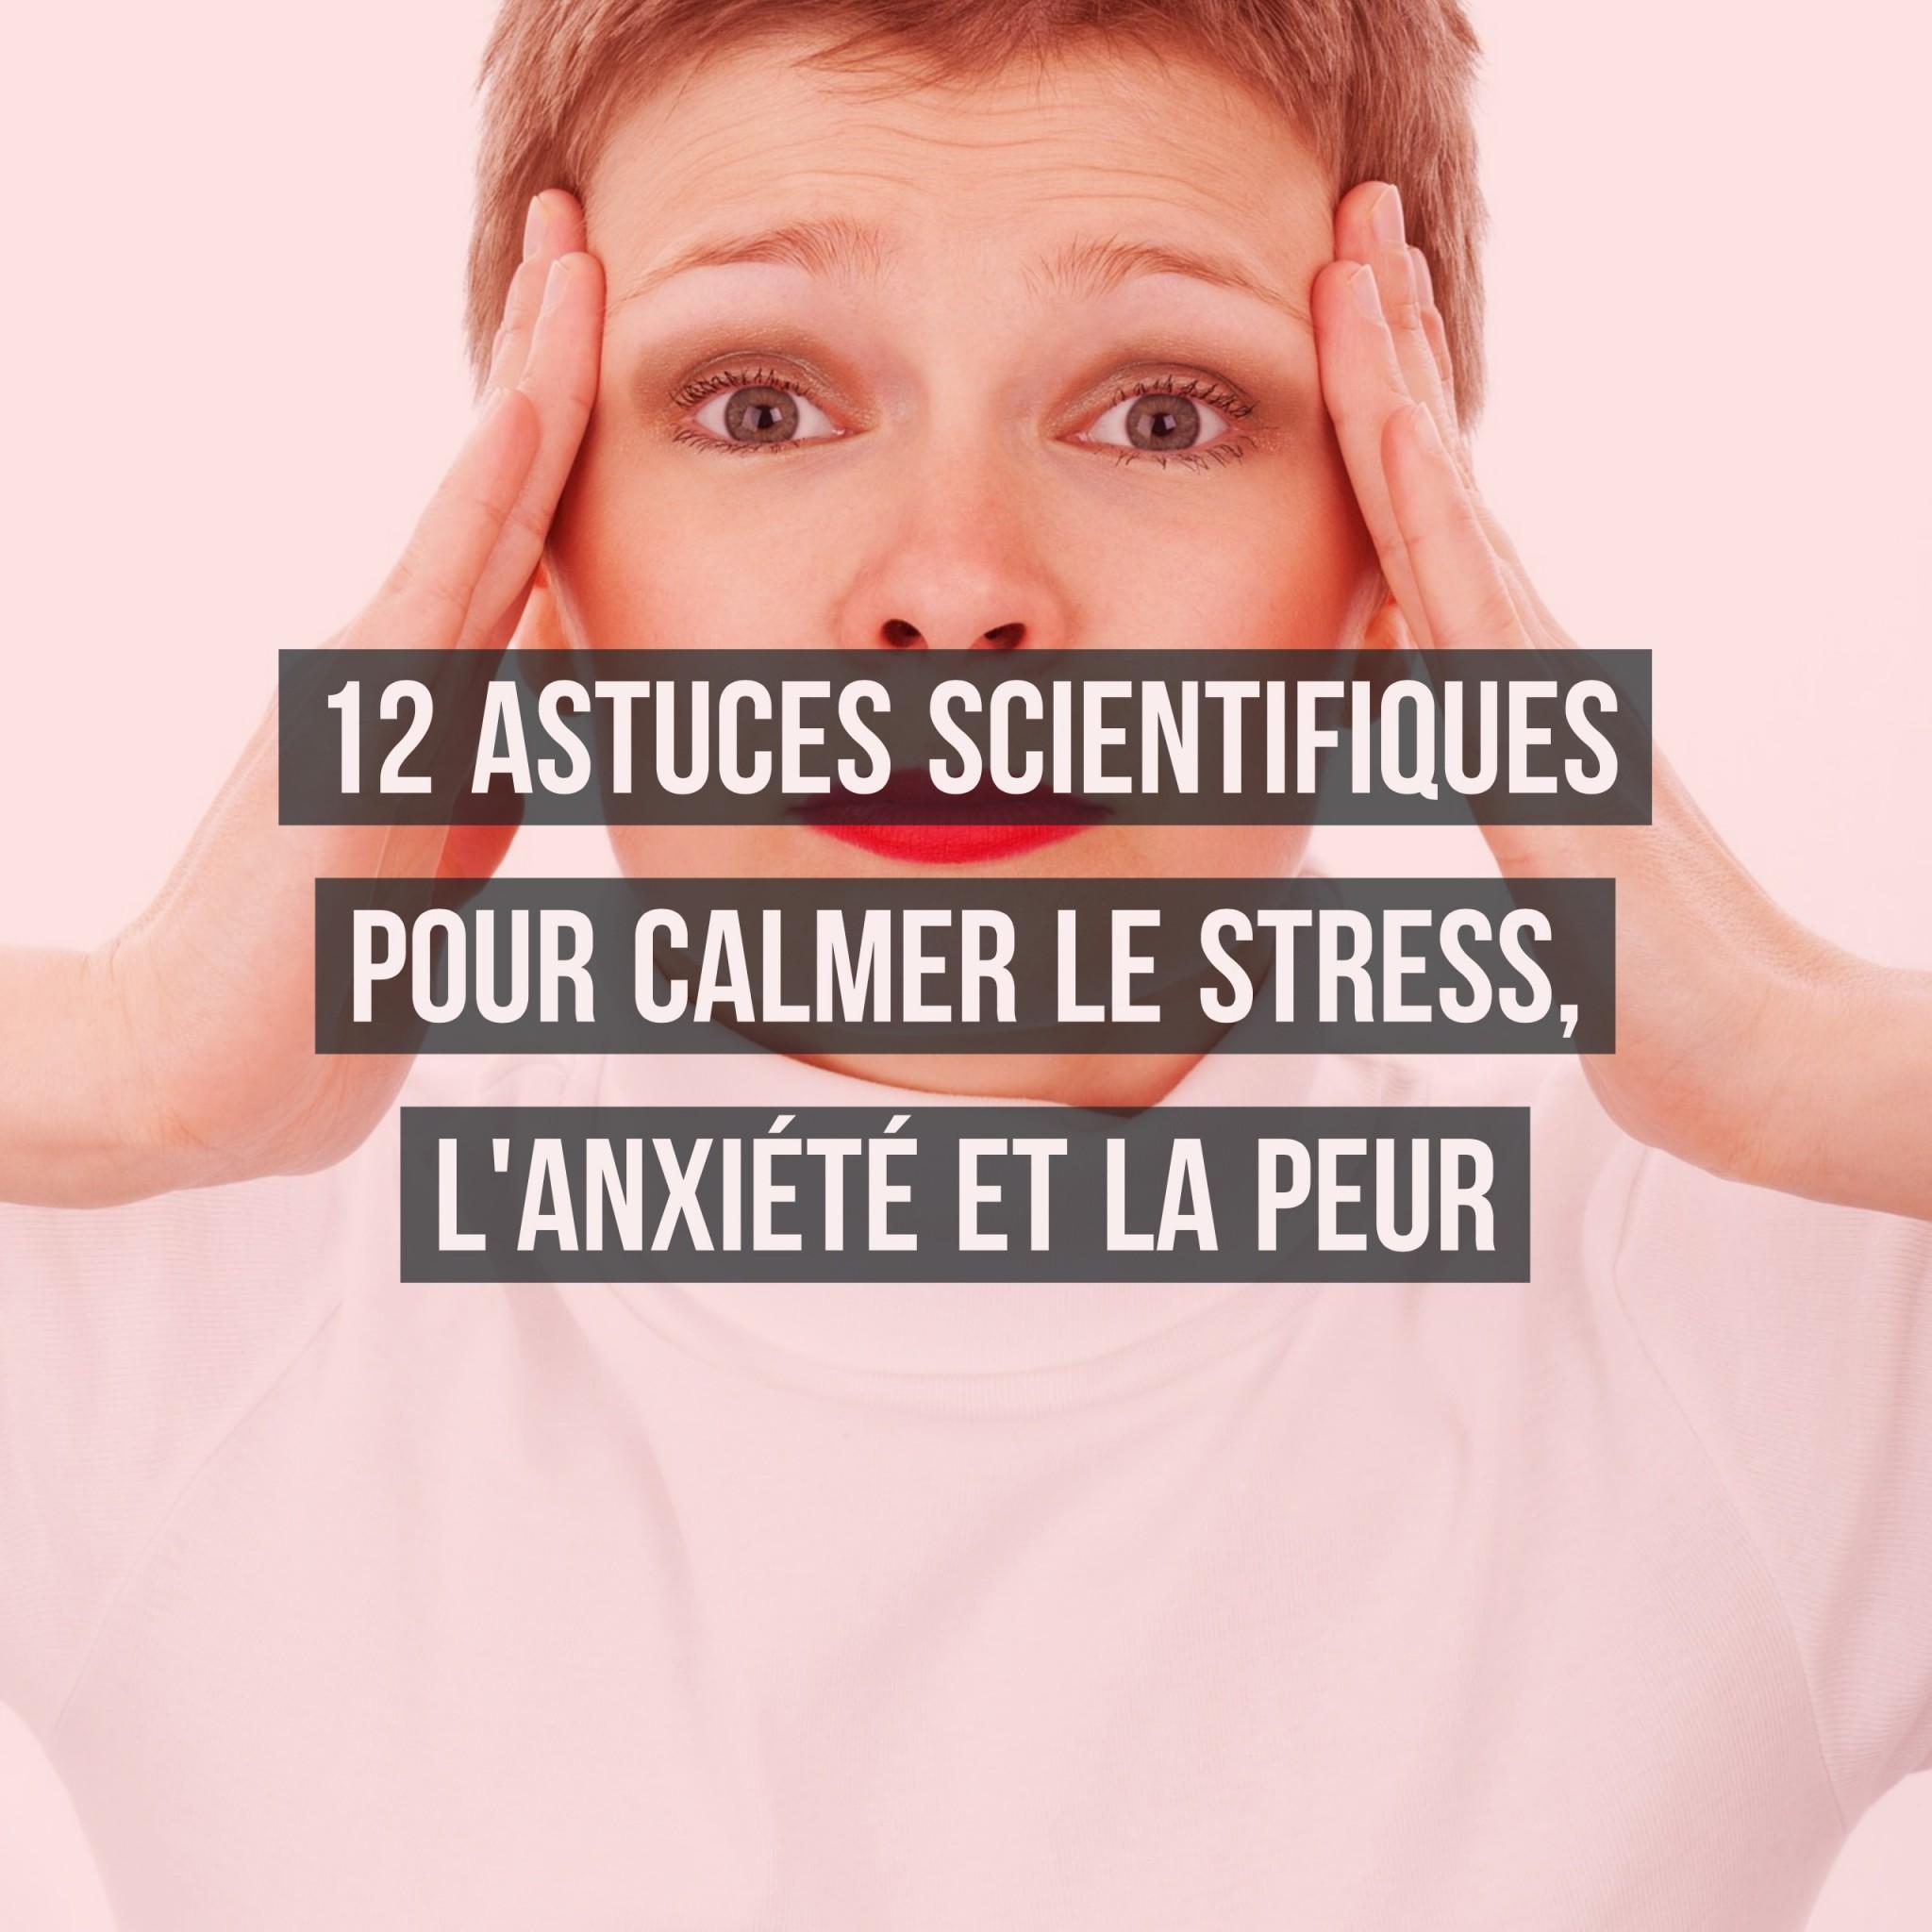 12 astuces scientifiques pour calmer le stress, l'anxiété et la peur